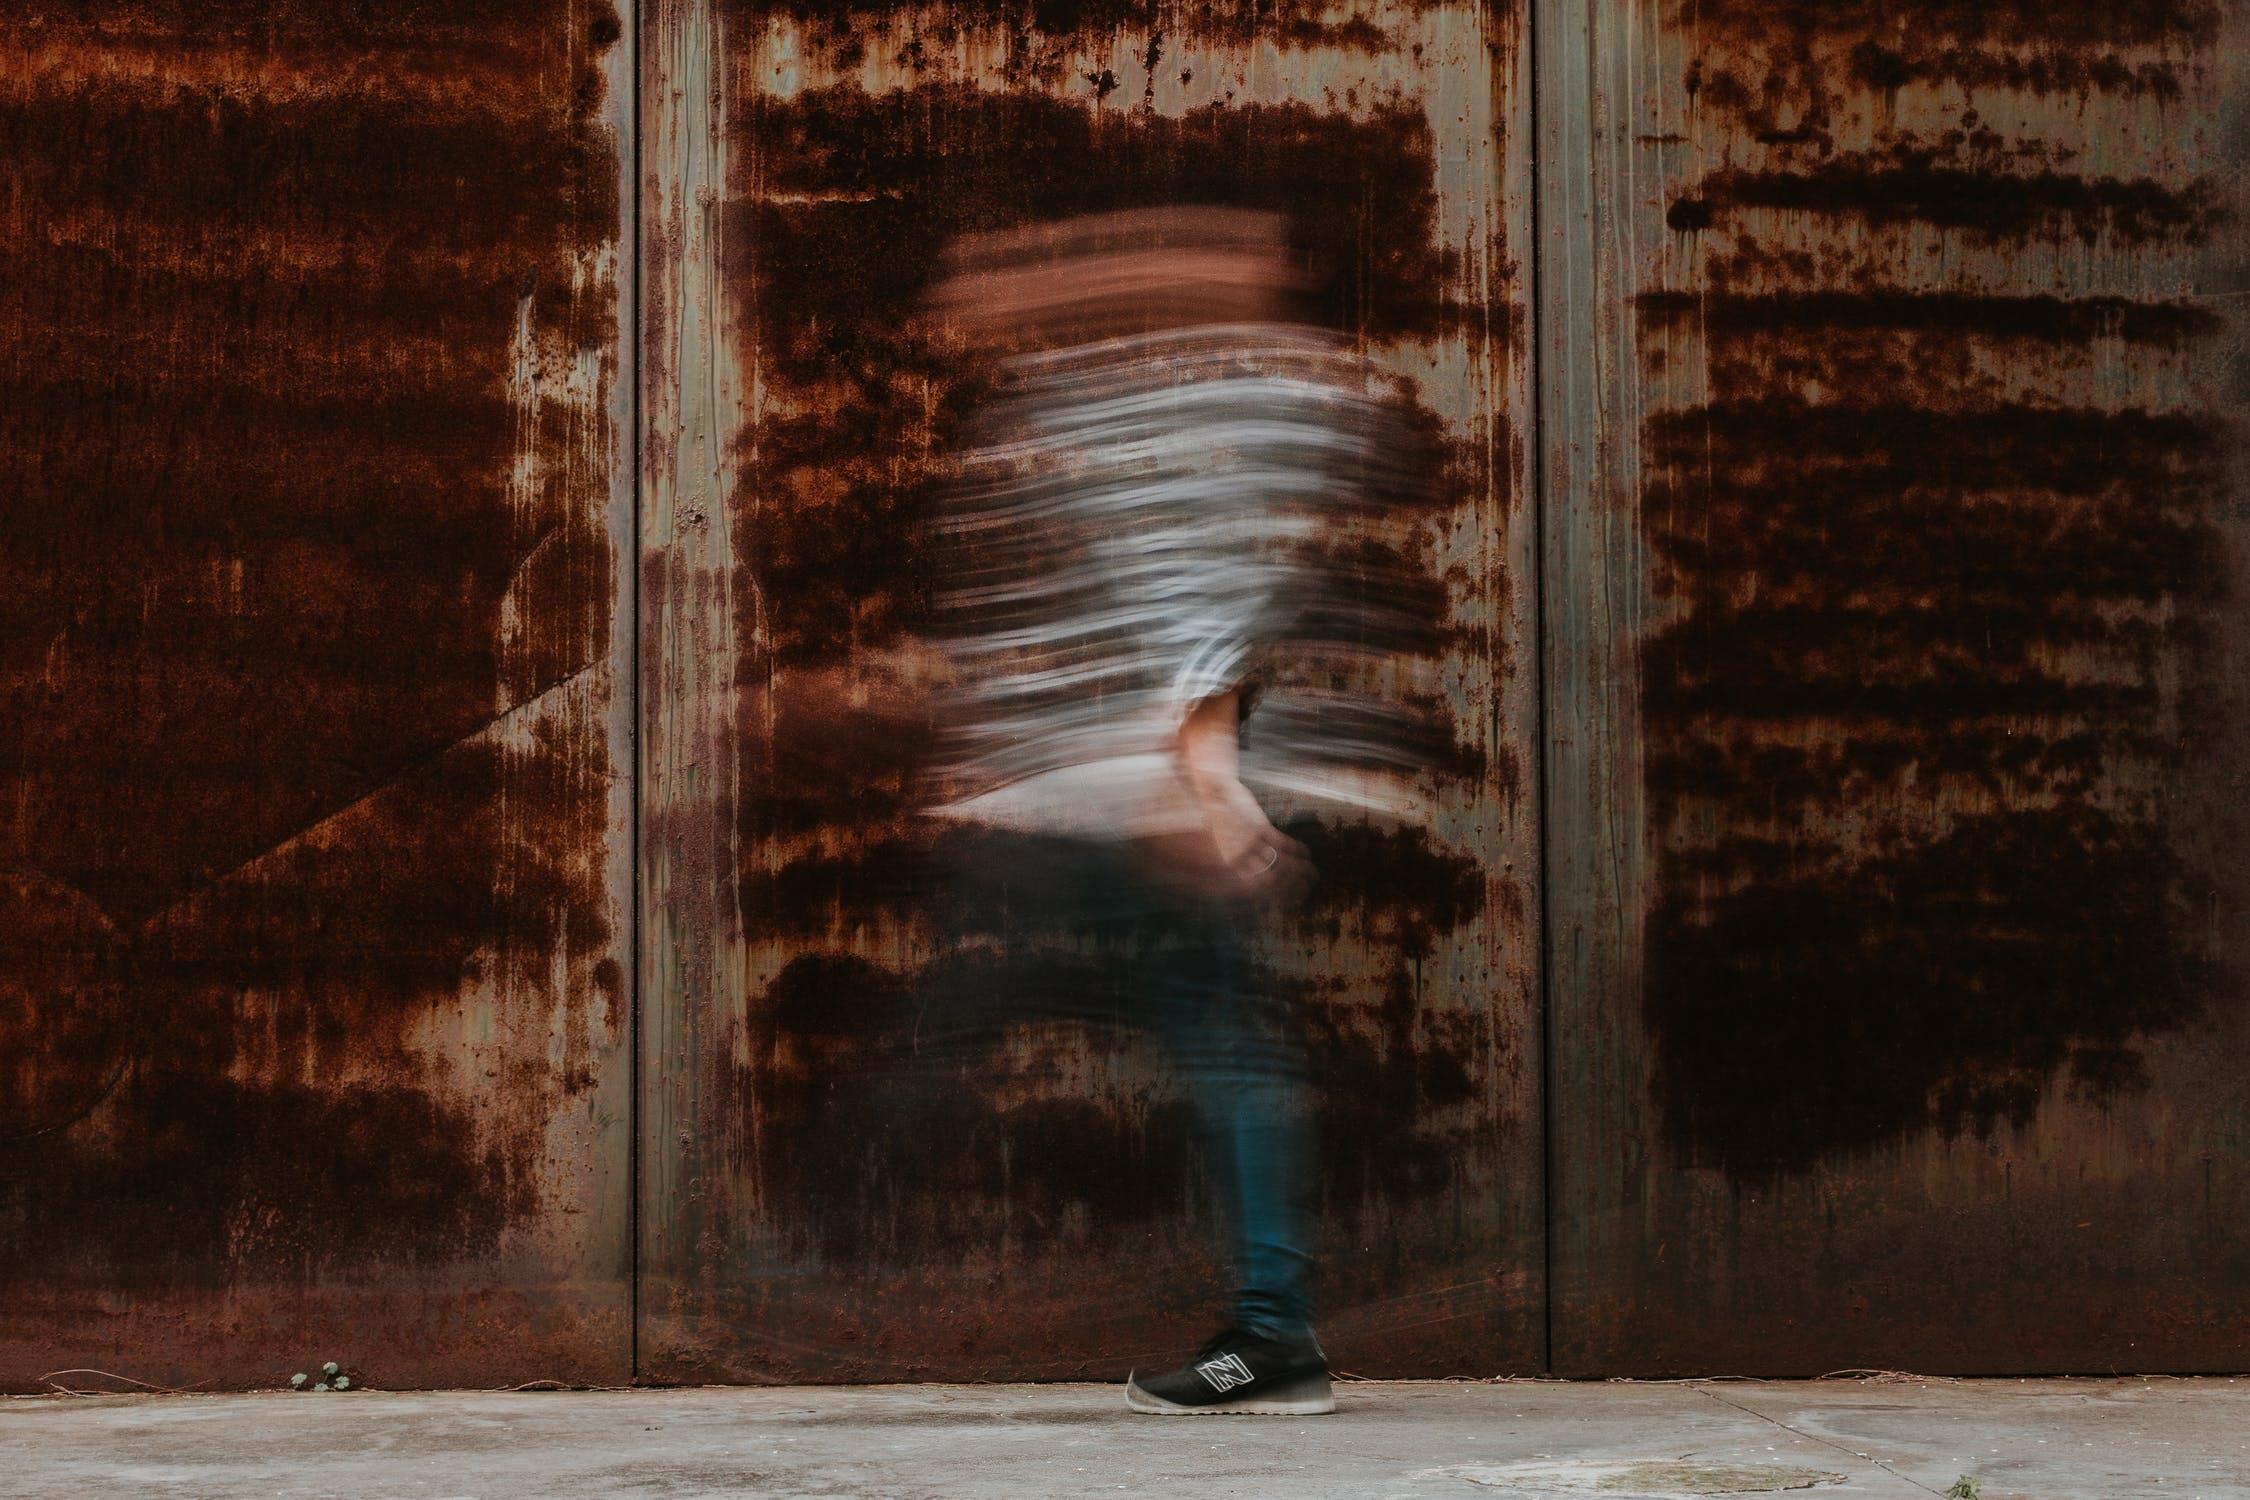 blurred person, blurred person